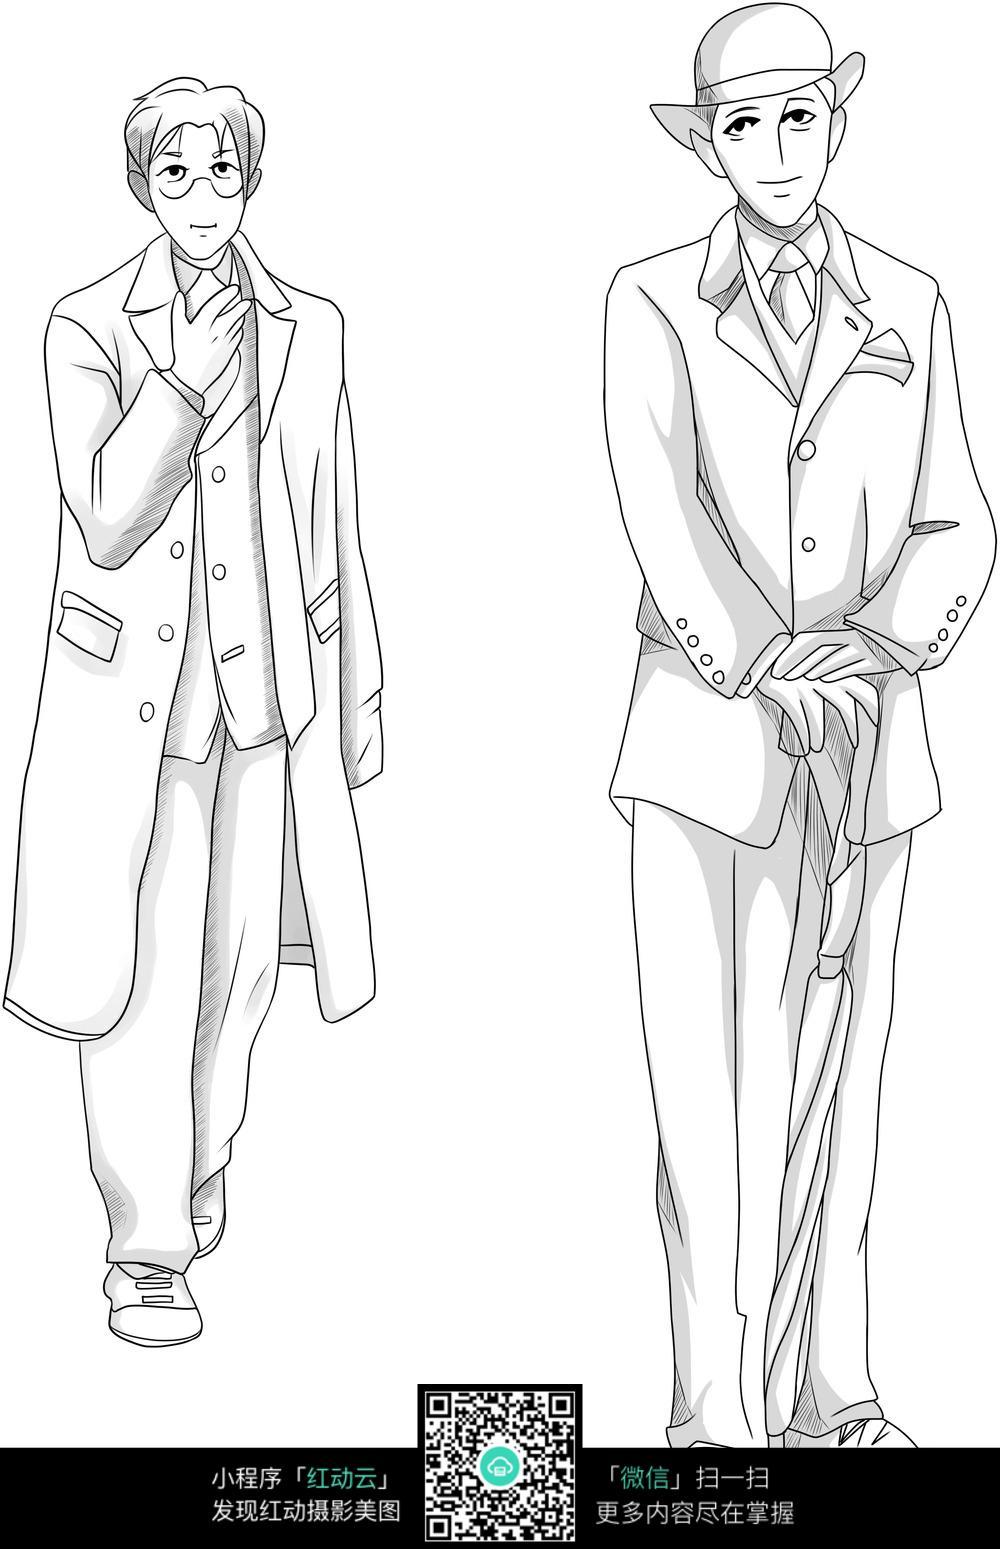 男子卡通手绘线稿